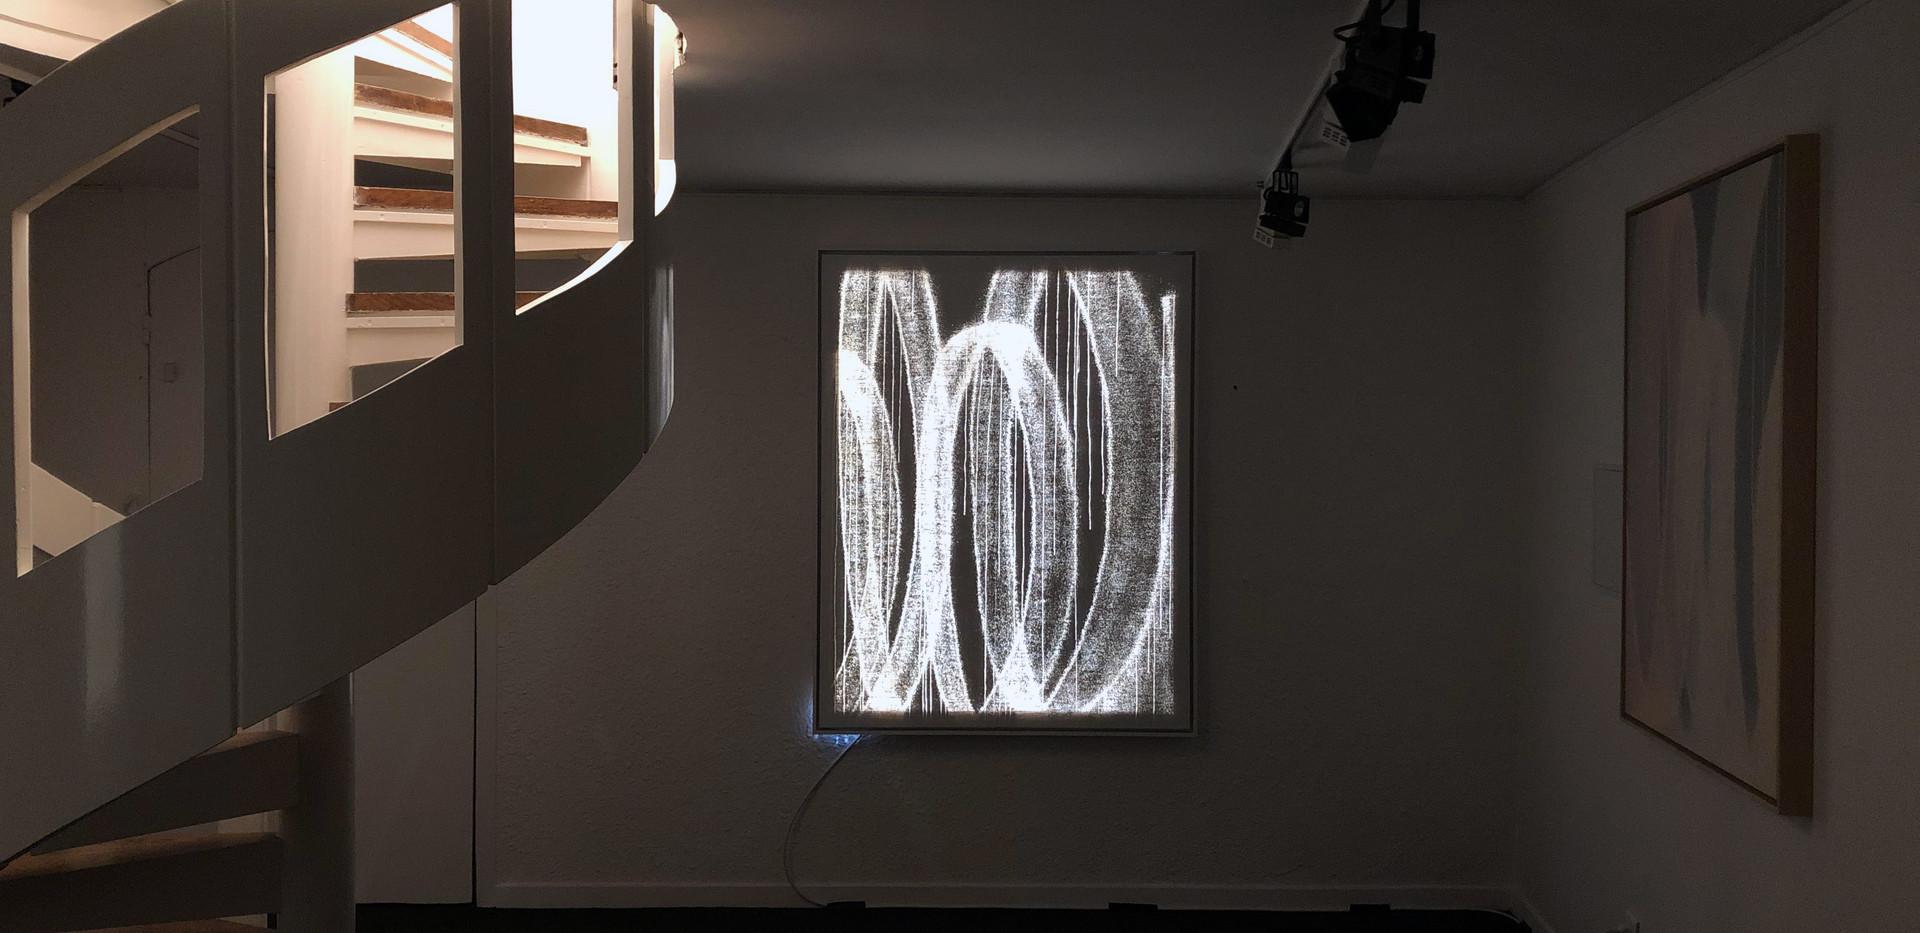 Franck Noto, Room 3, 2